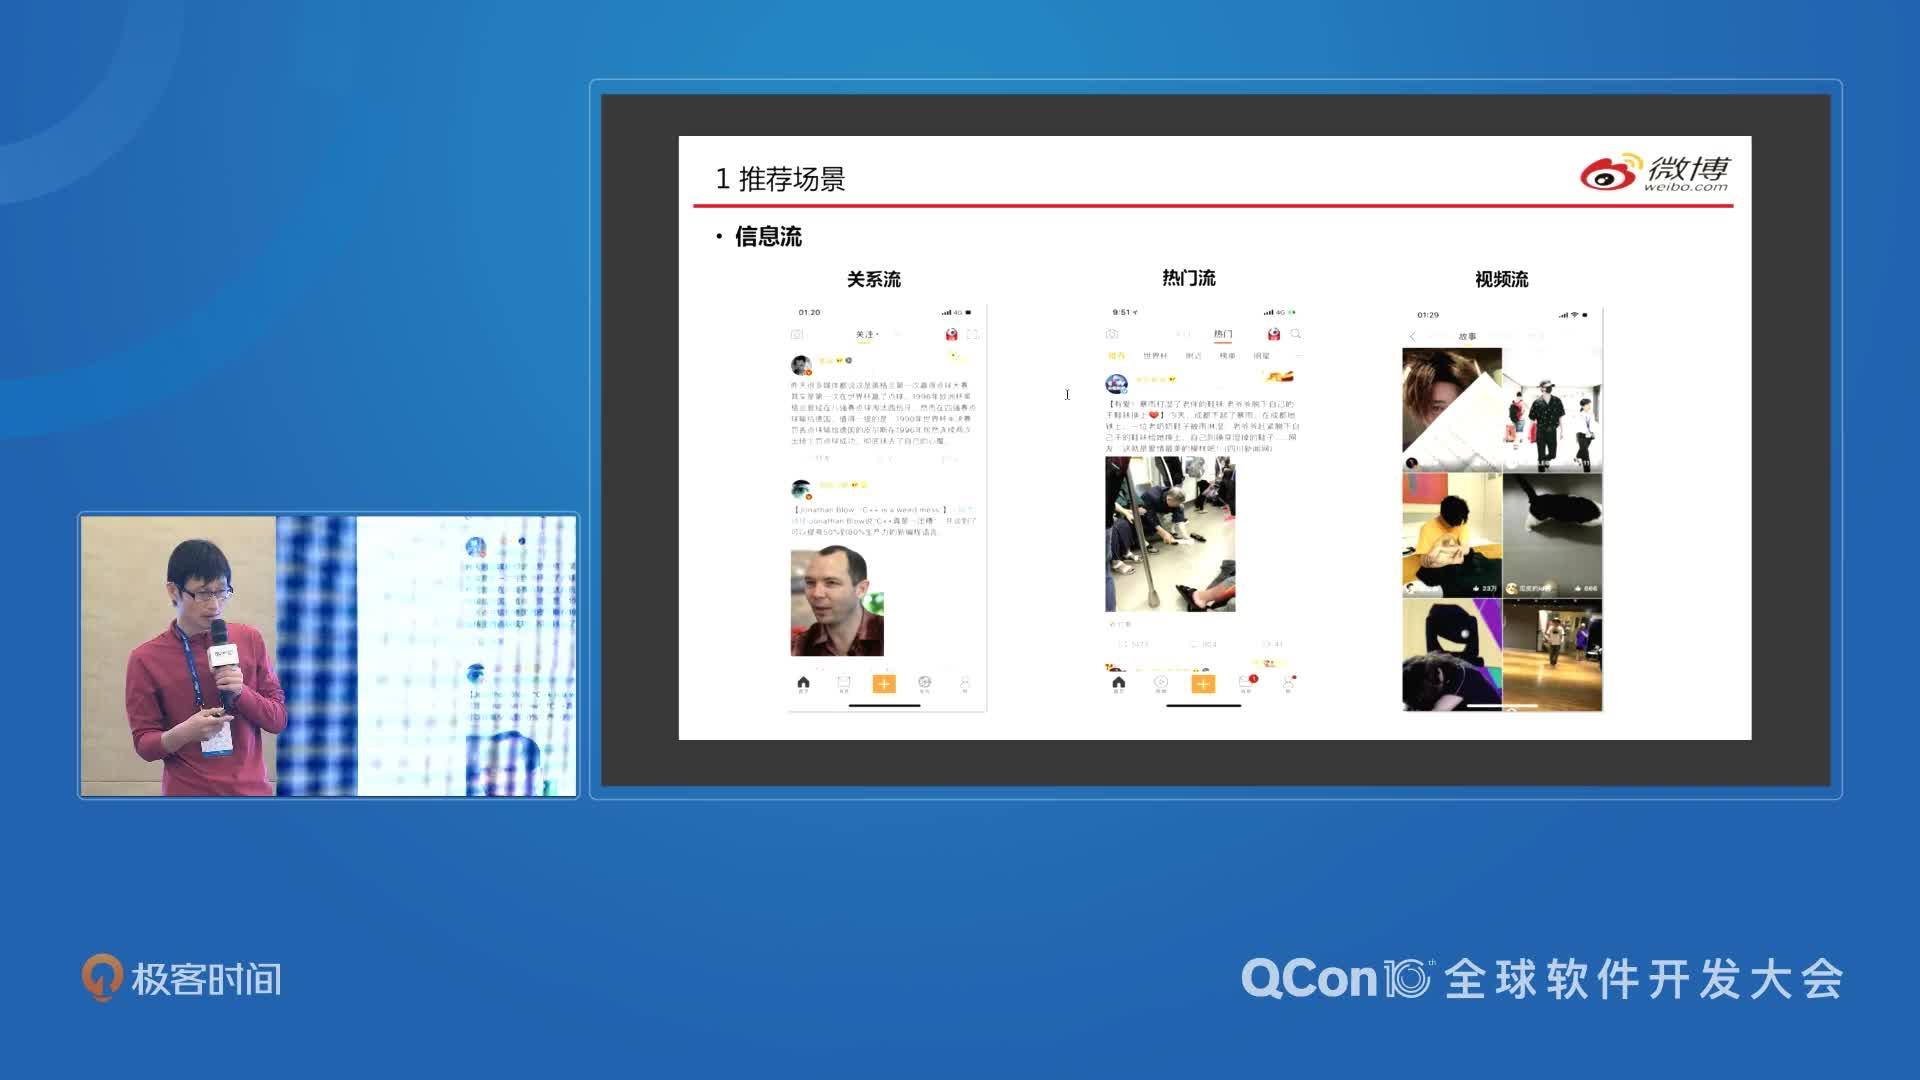 微博在线机器学习和深度学习实践 QCon